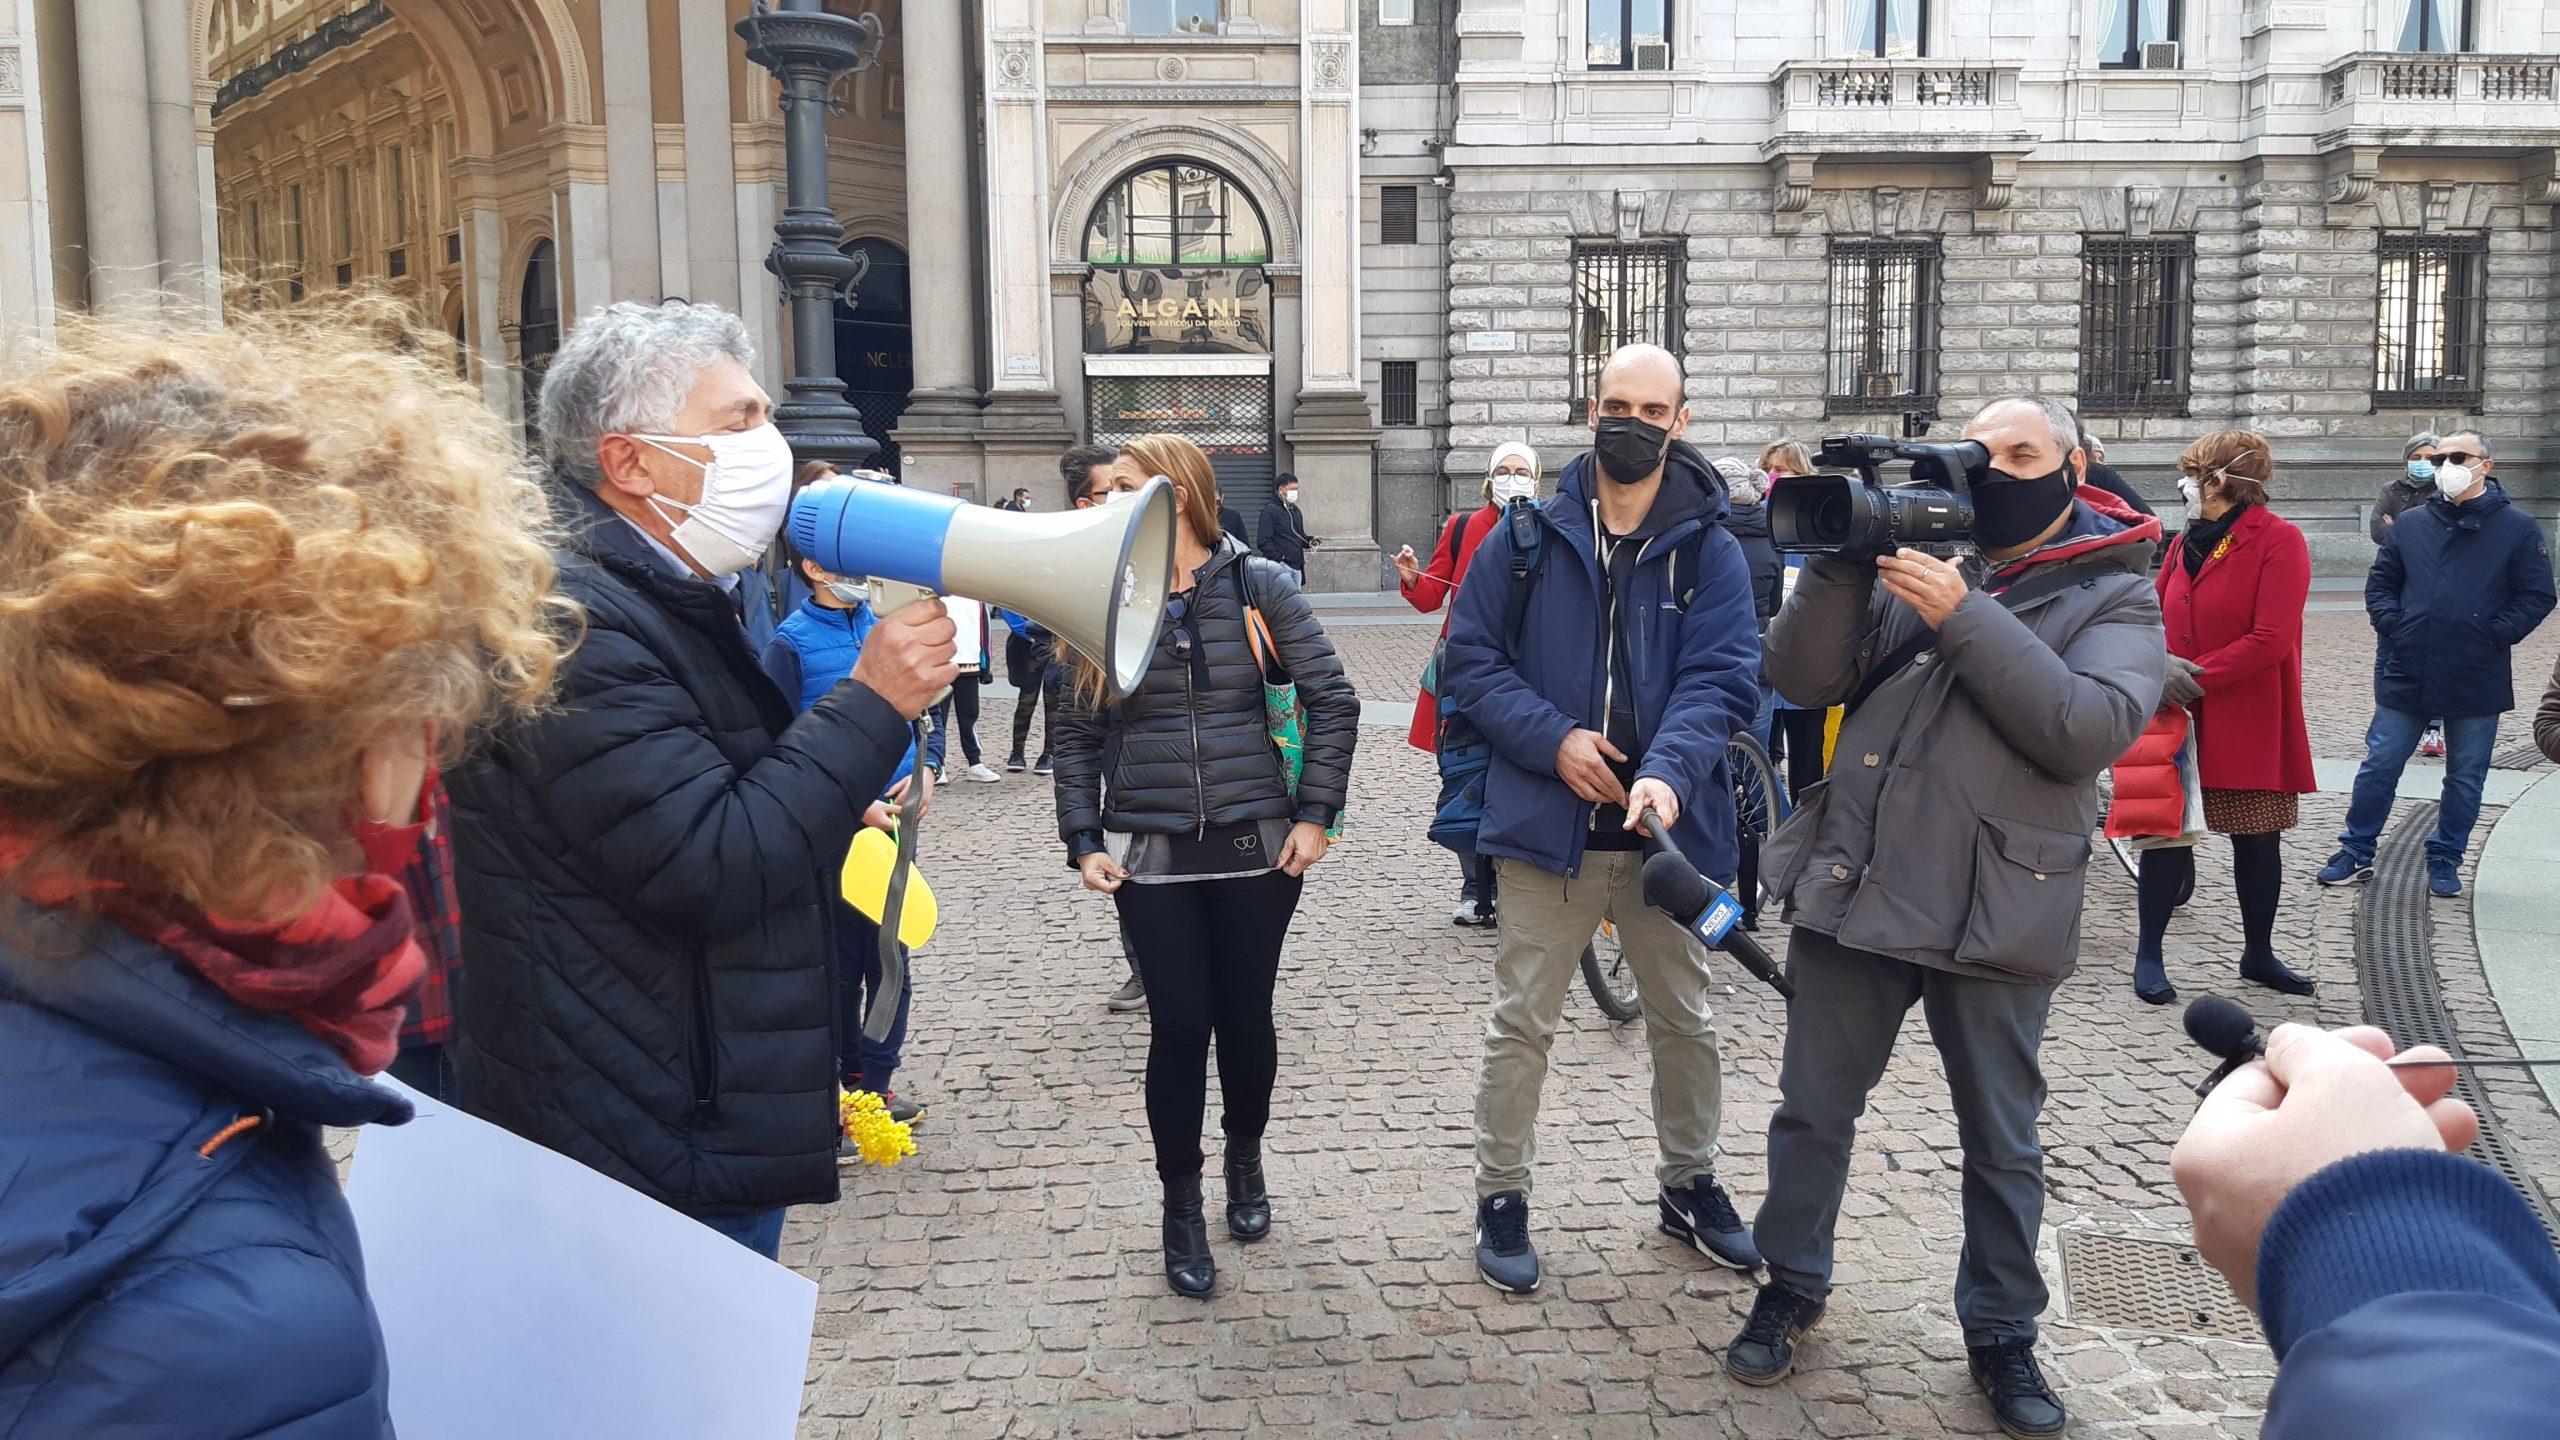 Marco Pau del Comitato A Scuola! 8 Marzo a Palazzo Marino